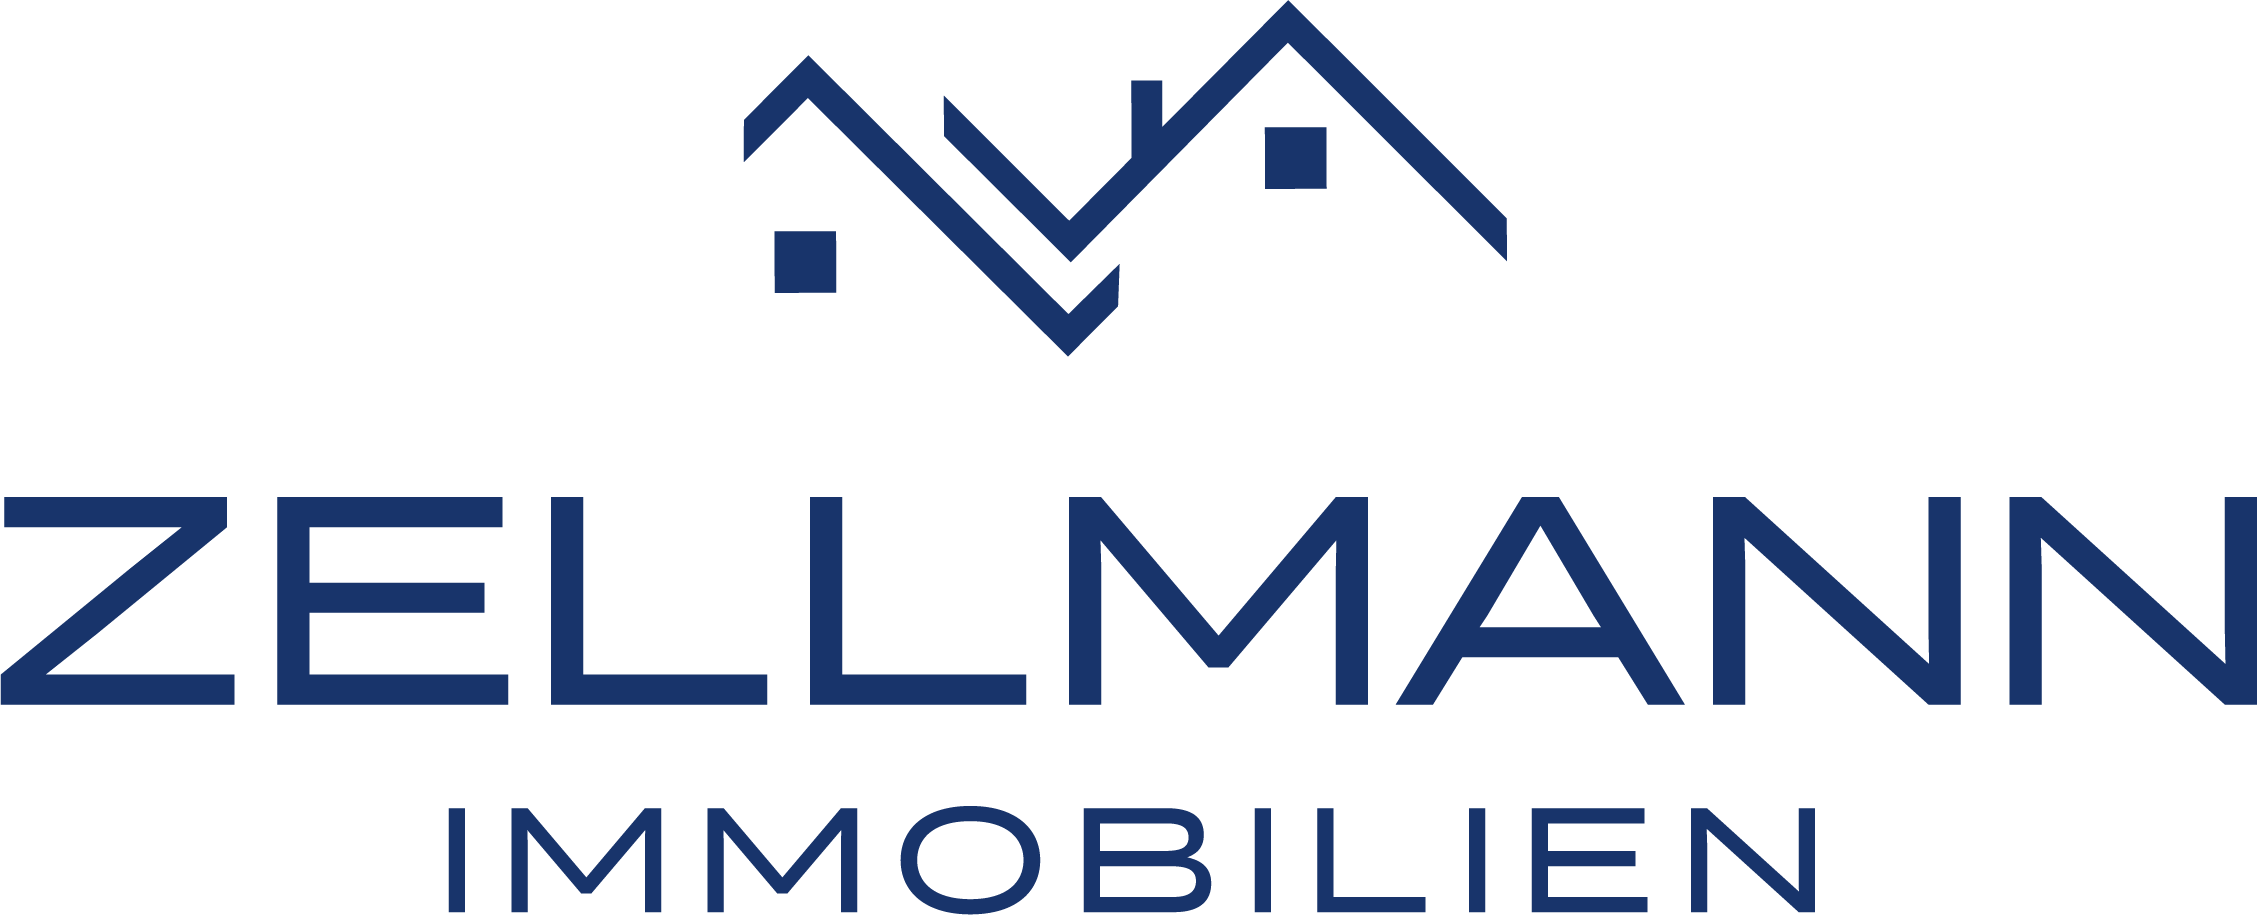 Zellmann Immobilien